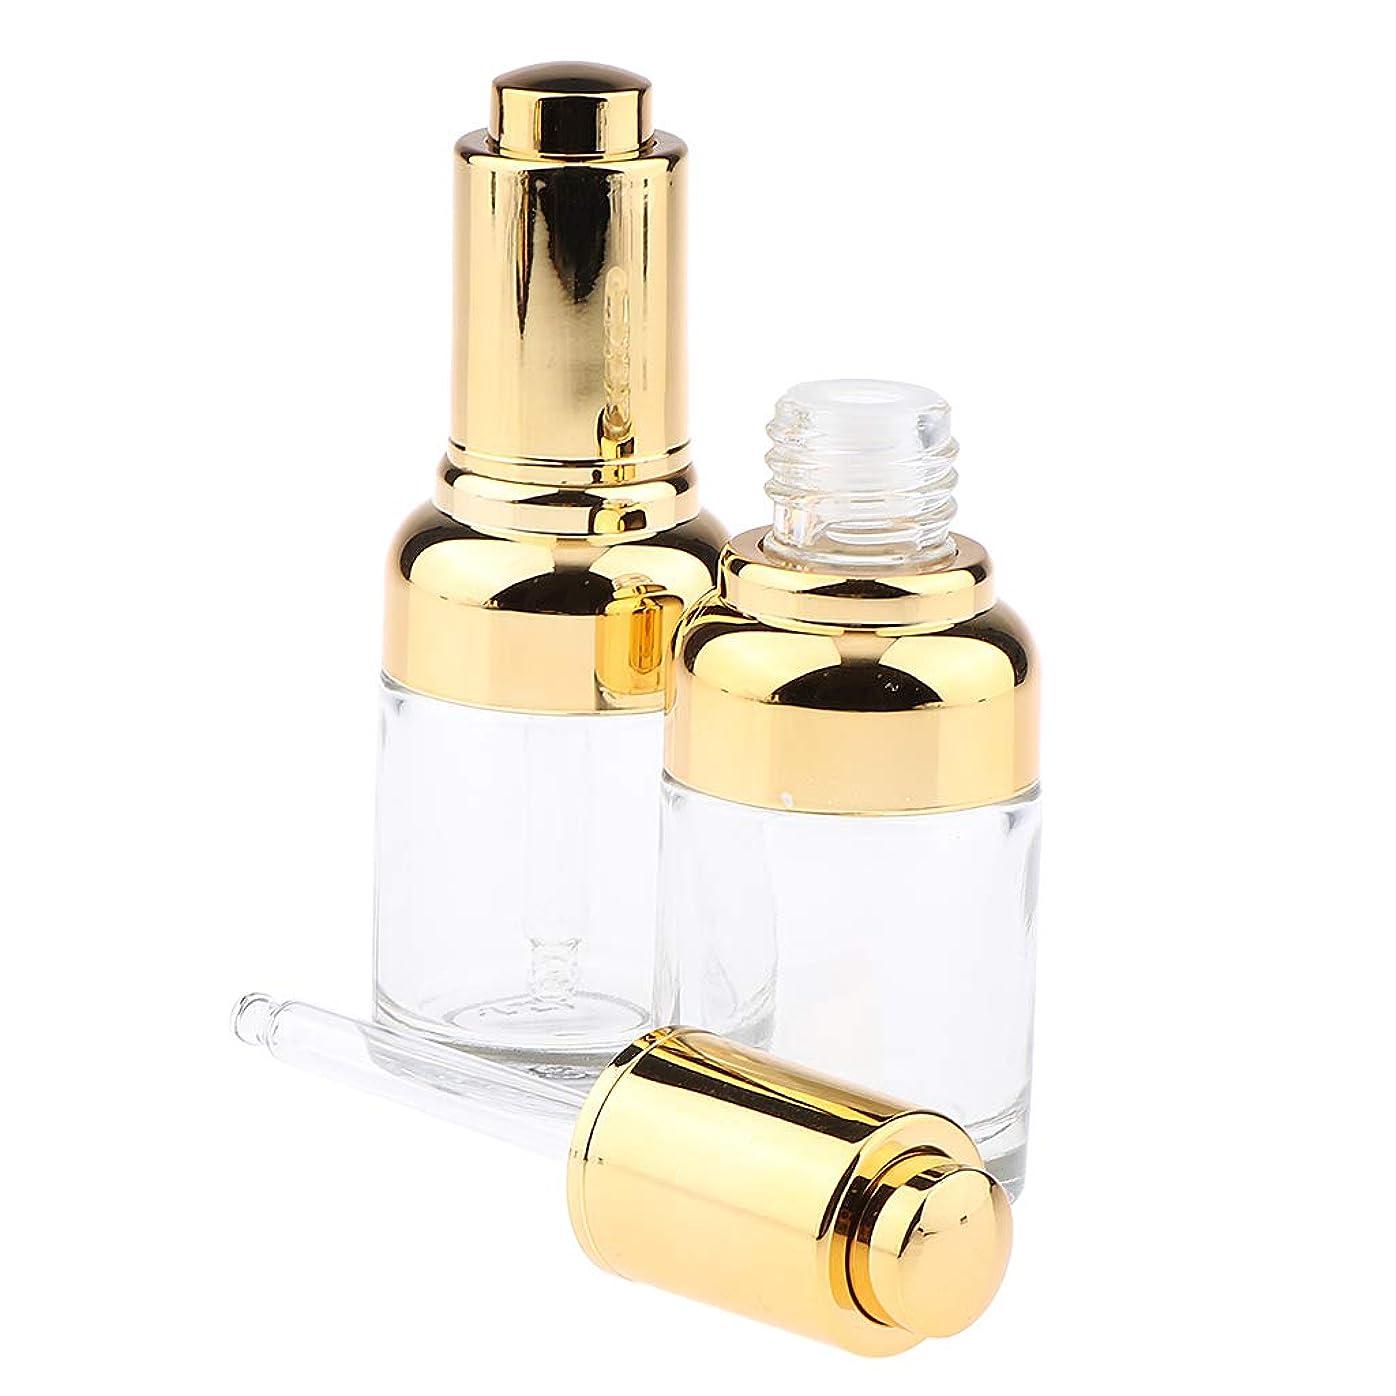 モーター物思いにふける産地F Fityle 2個 ガラス瓶 ドロッパーボトル エッセンシャルオイルディスペンサー 香水ピペット バイアル 30ml